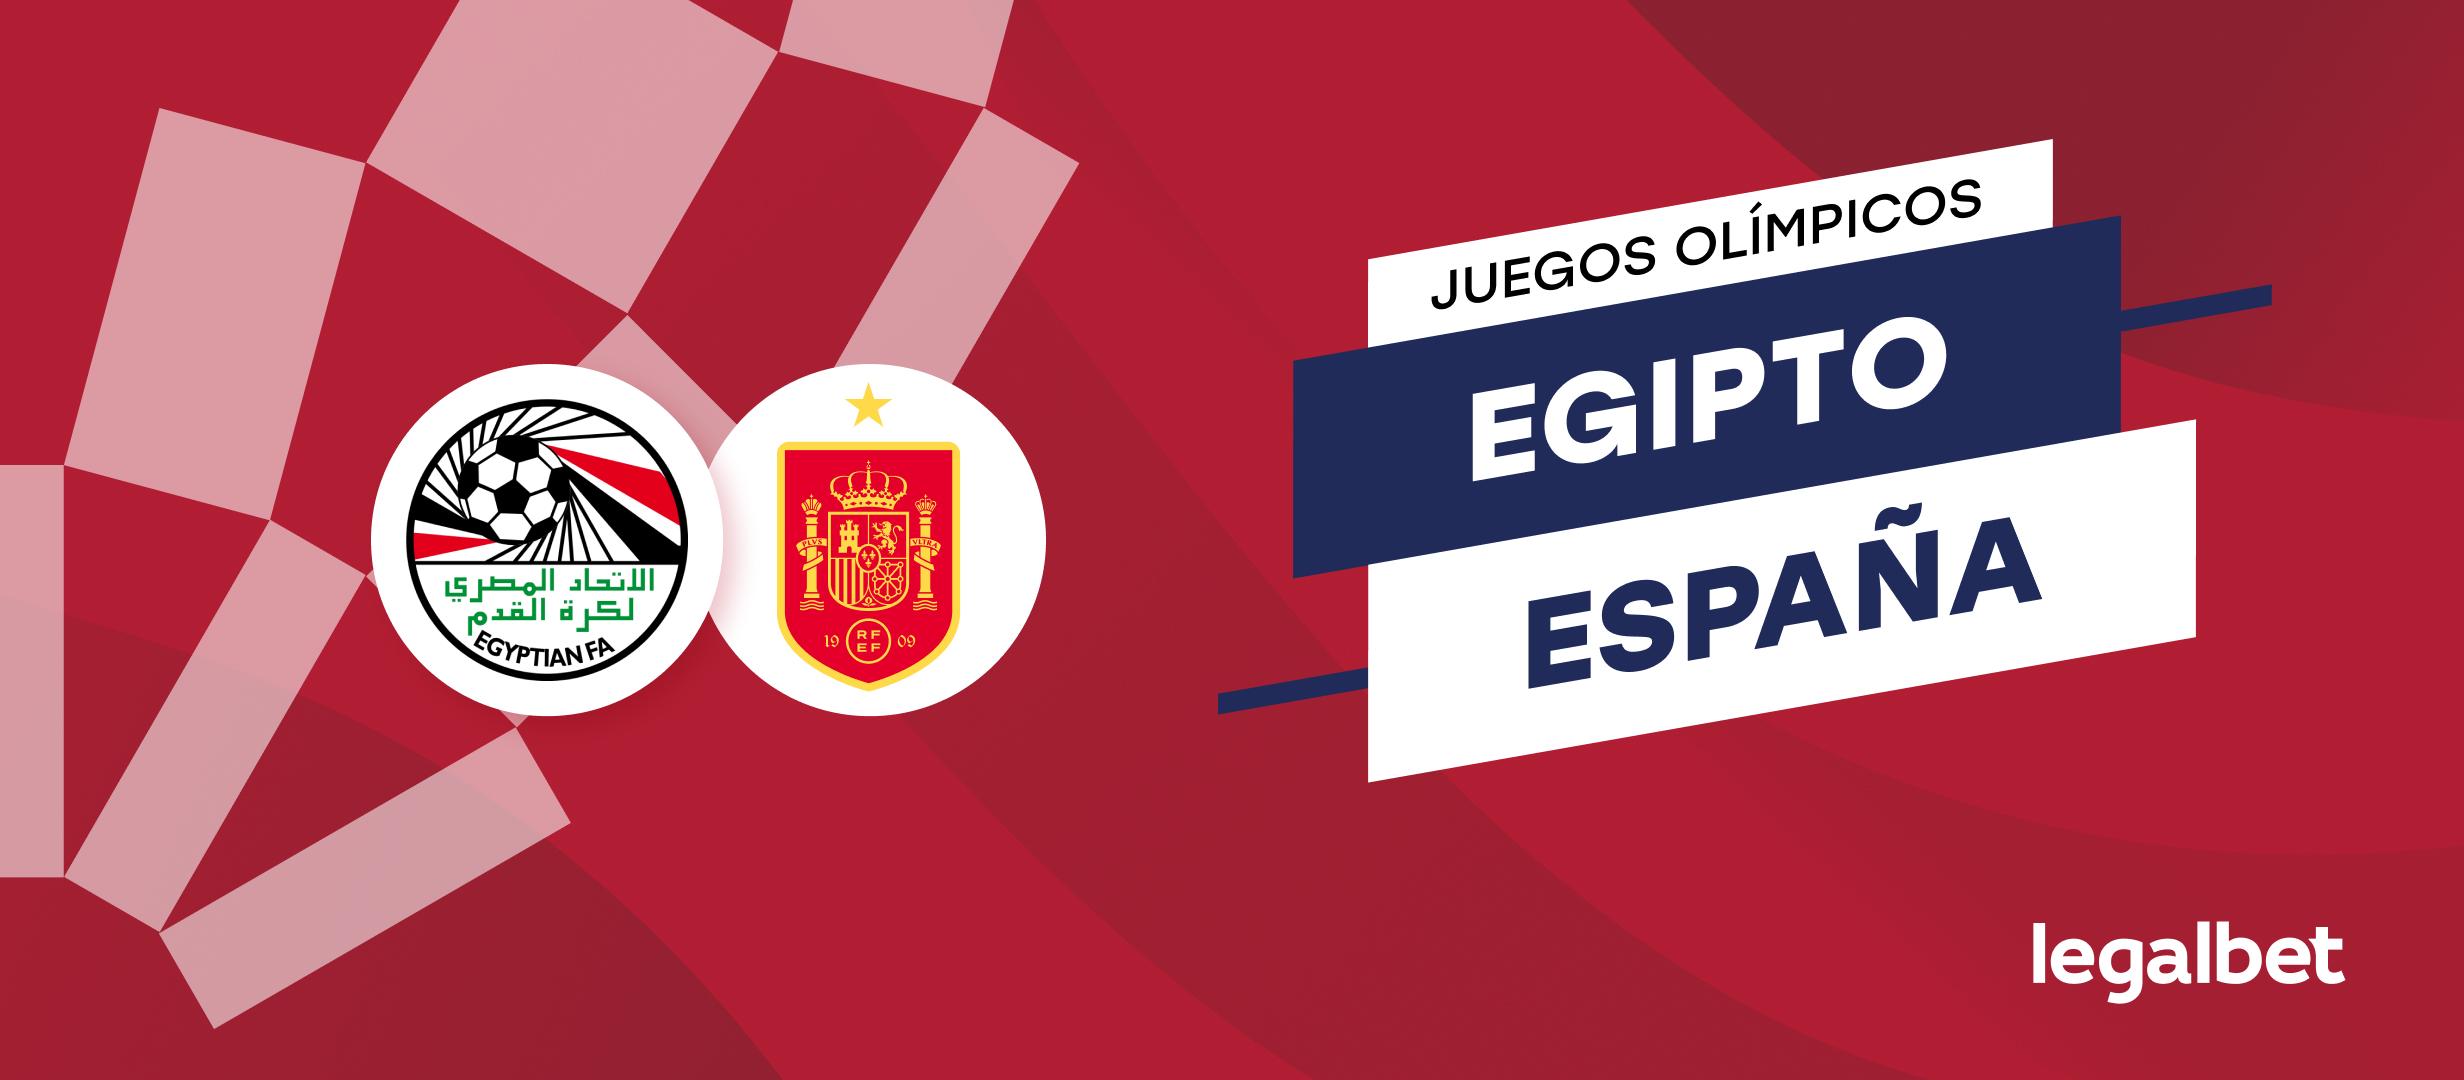 Apuestas y cuotas Egipto - España, Juegos Olímpicos 2021